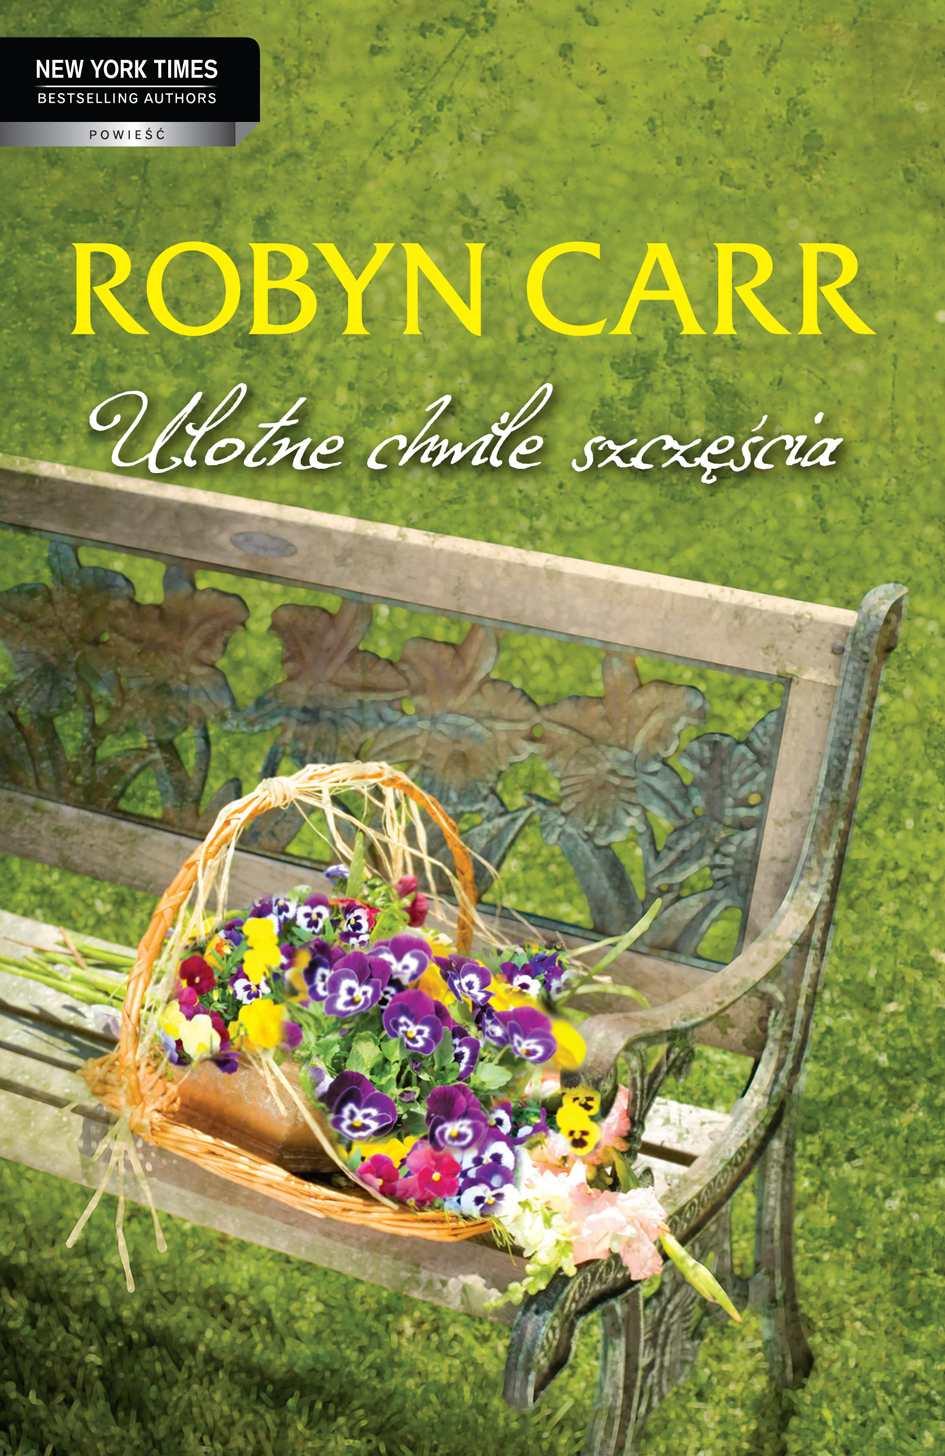 Ulotne chwile szczęścia - Ebook (Książka na Kindle) do pobrania w formacie MOBI